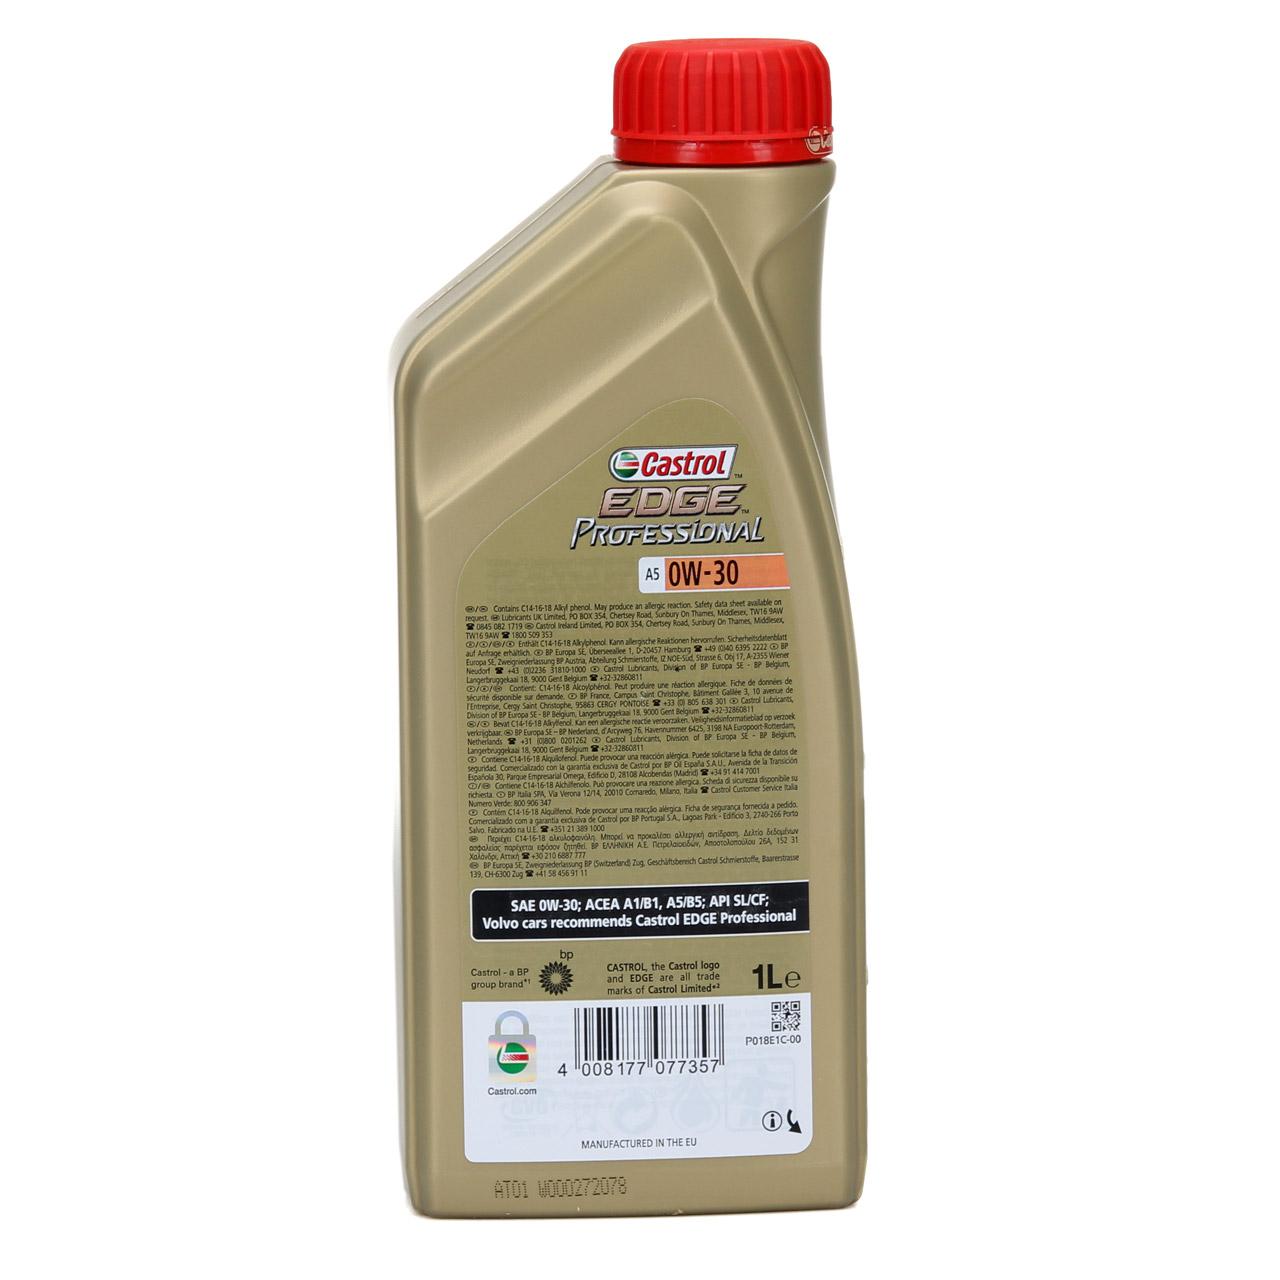 CASTROL EDGE Professional Motoröl Öl TITANIUM FST A5 0W-30 0W30 VOLVO 1 Liter